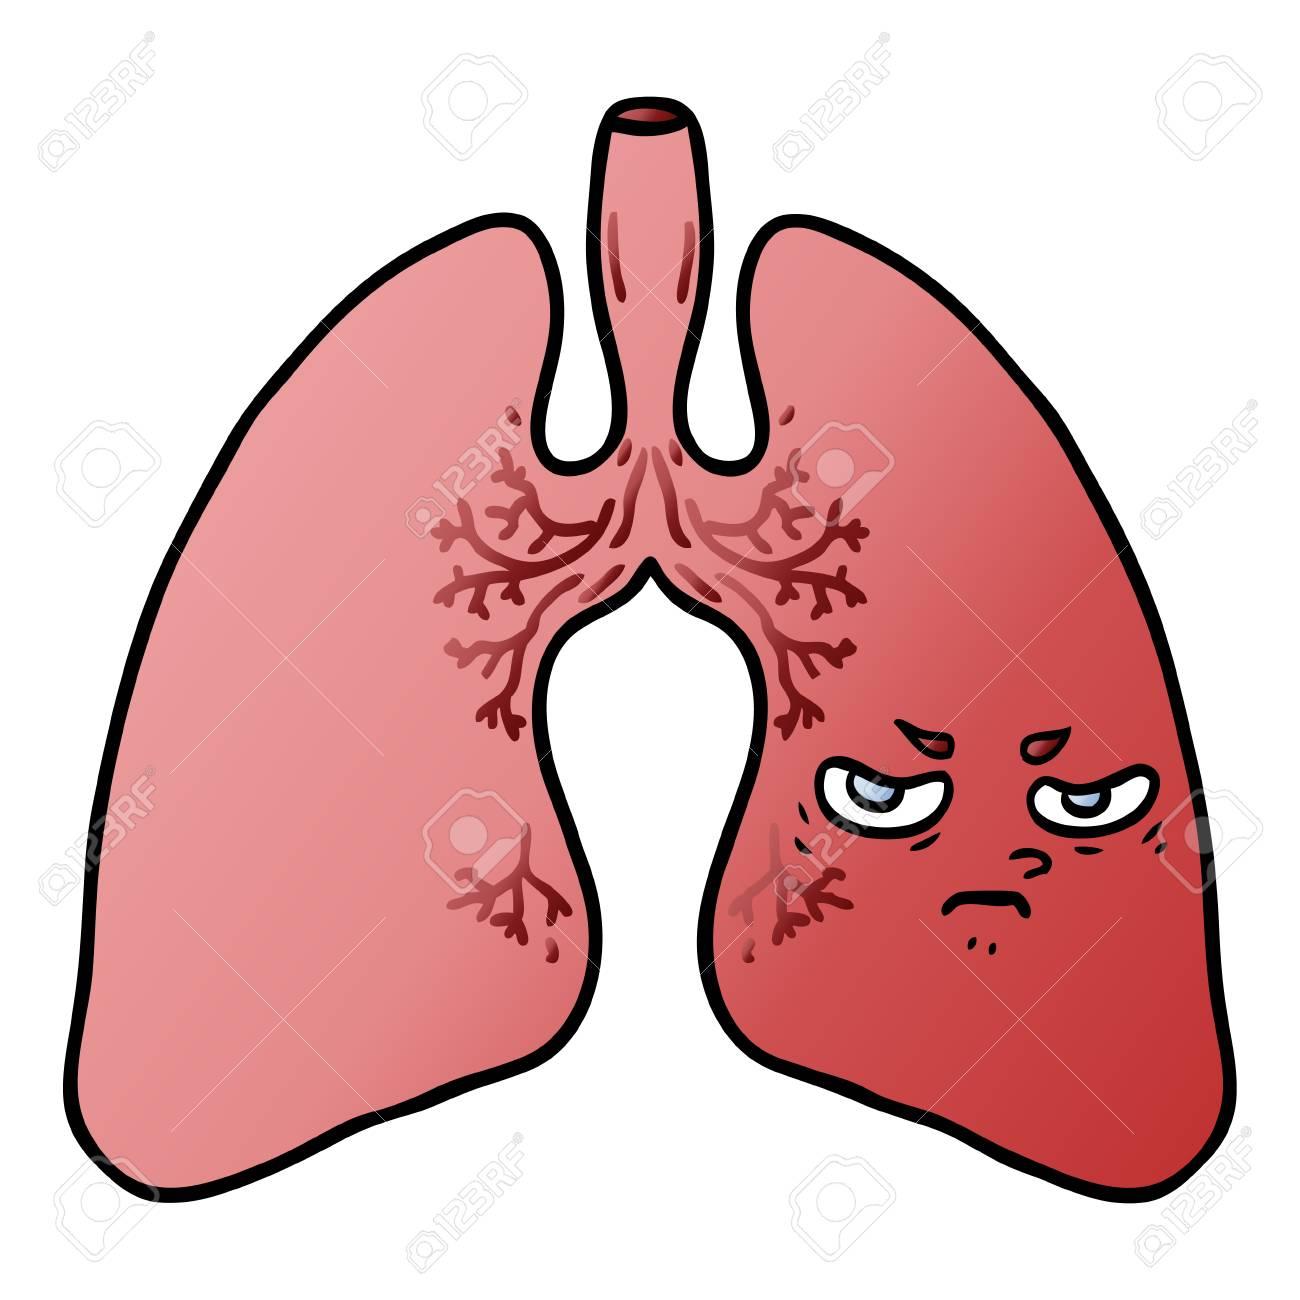 Hand drawn cartoon lungs.